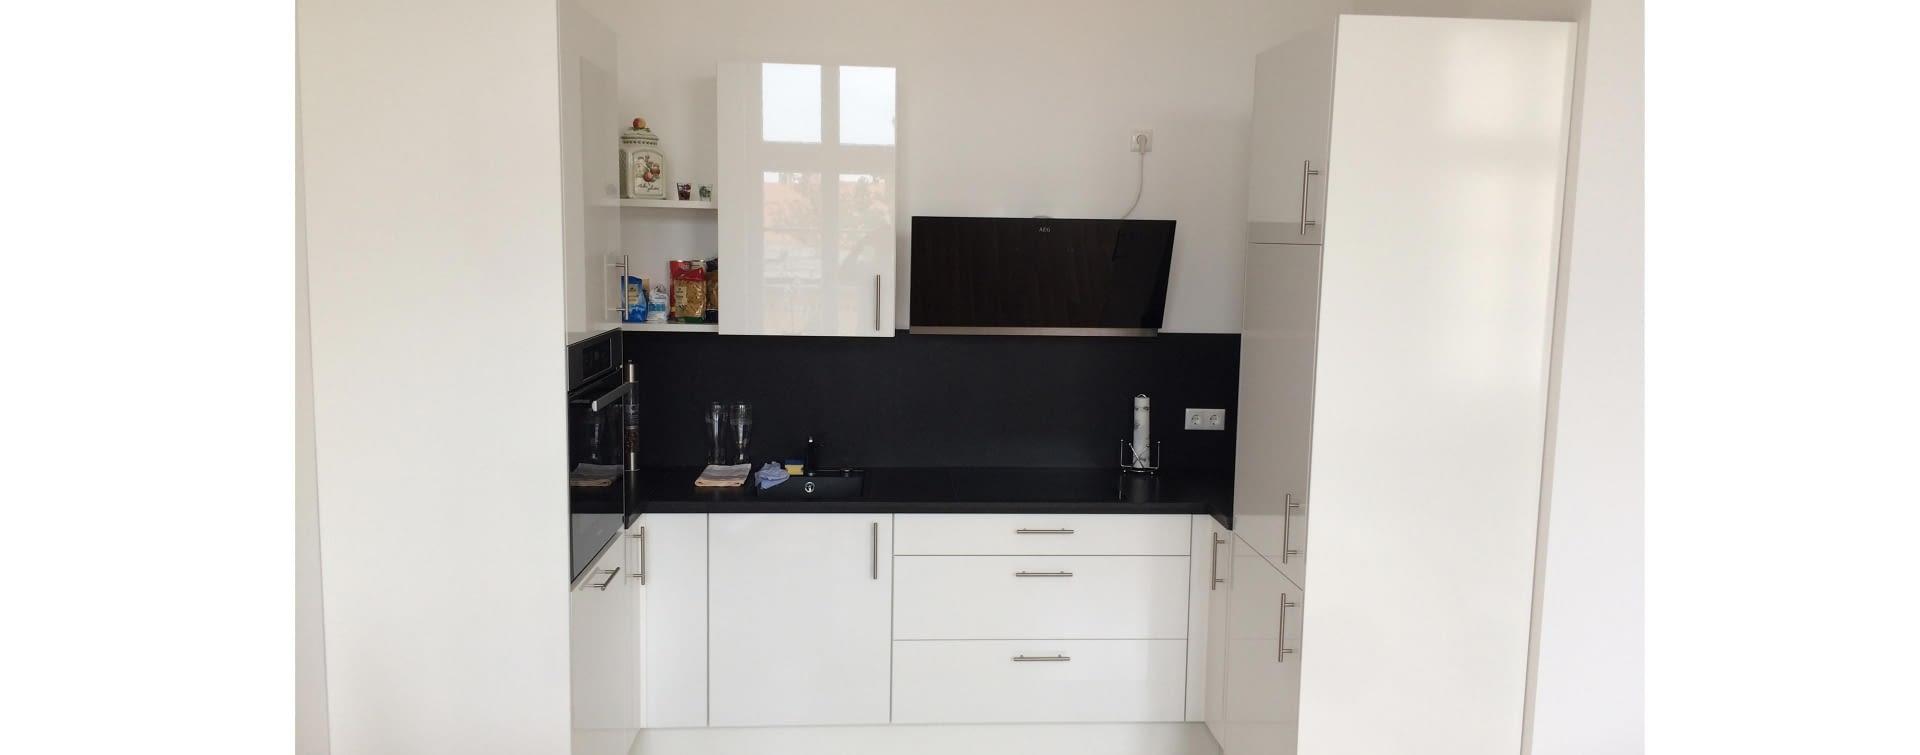 n tzliche planungstipps f r kleine k chen inklusive 360. Black Bedroom Furniture Sets. Home Design Ideas